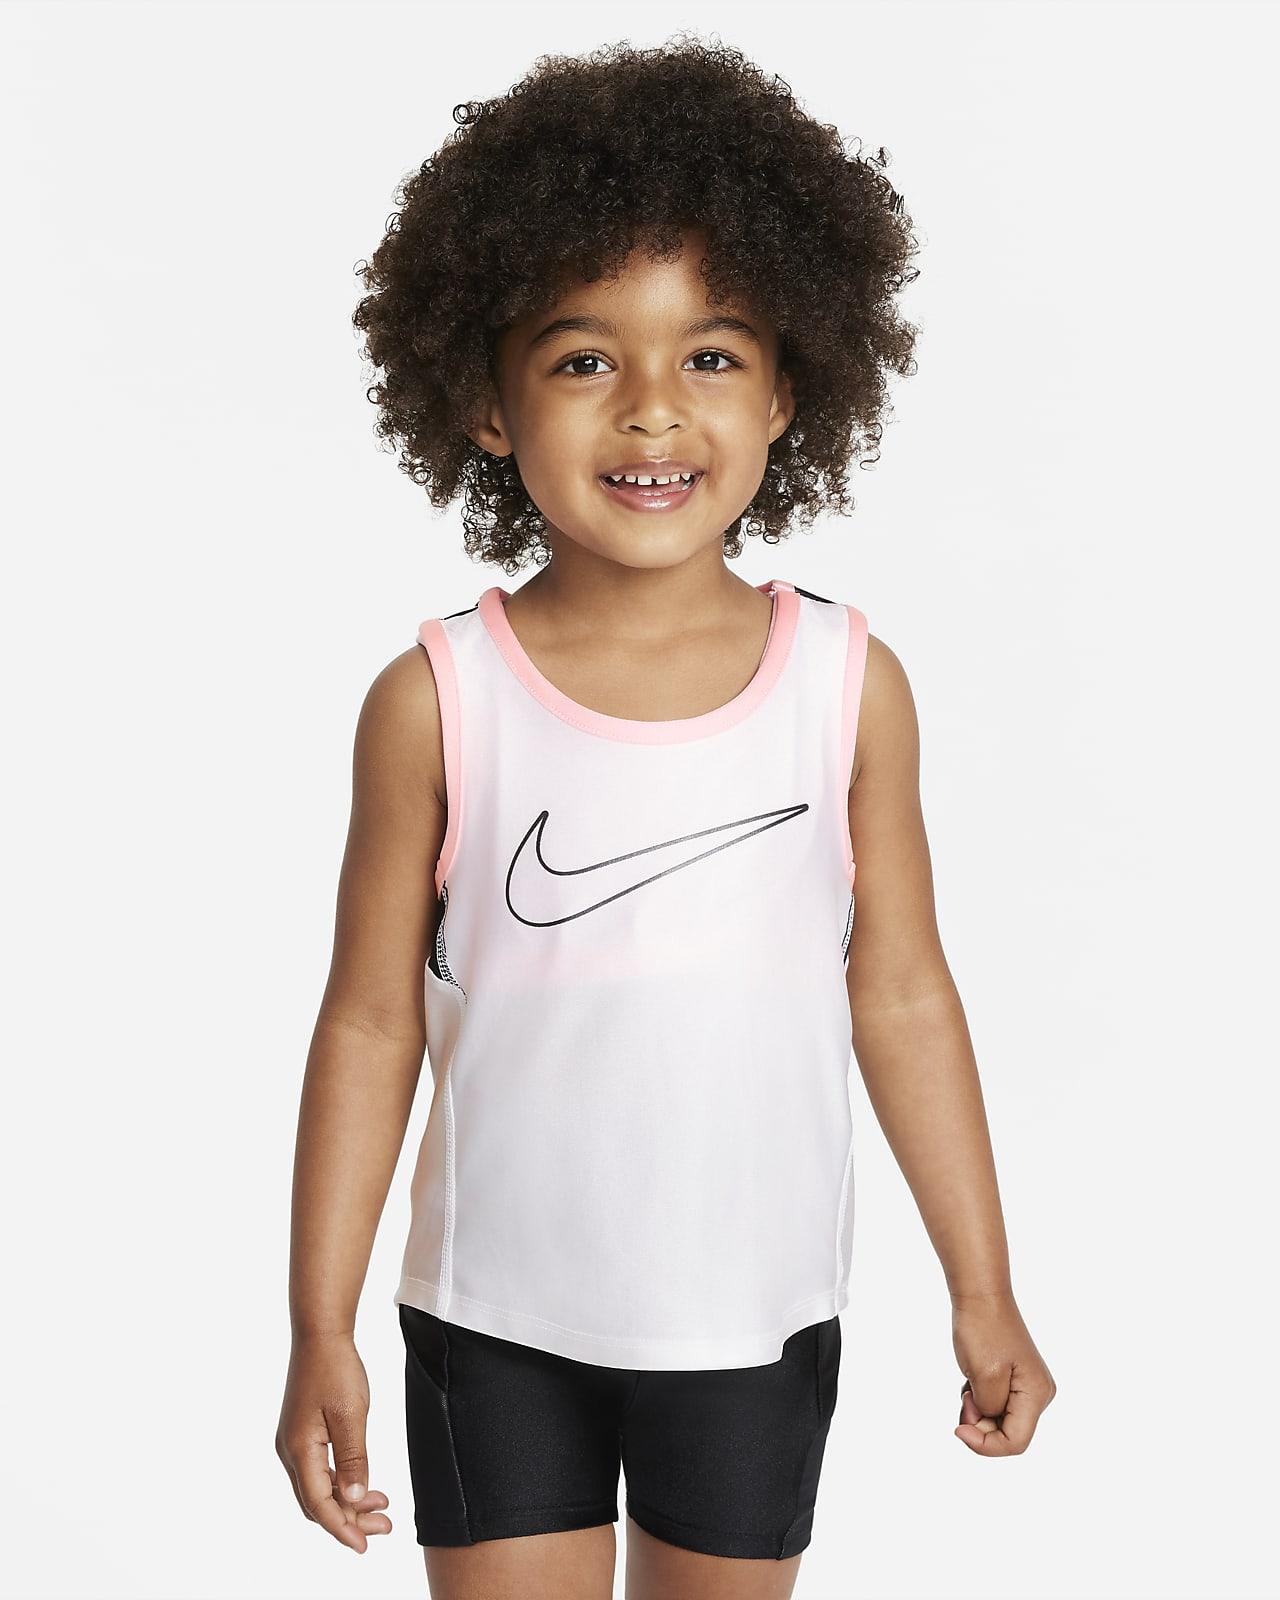 Nike Toddler Tank